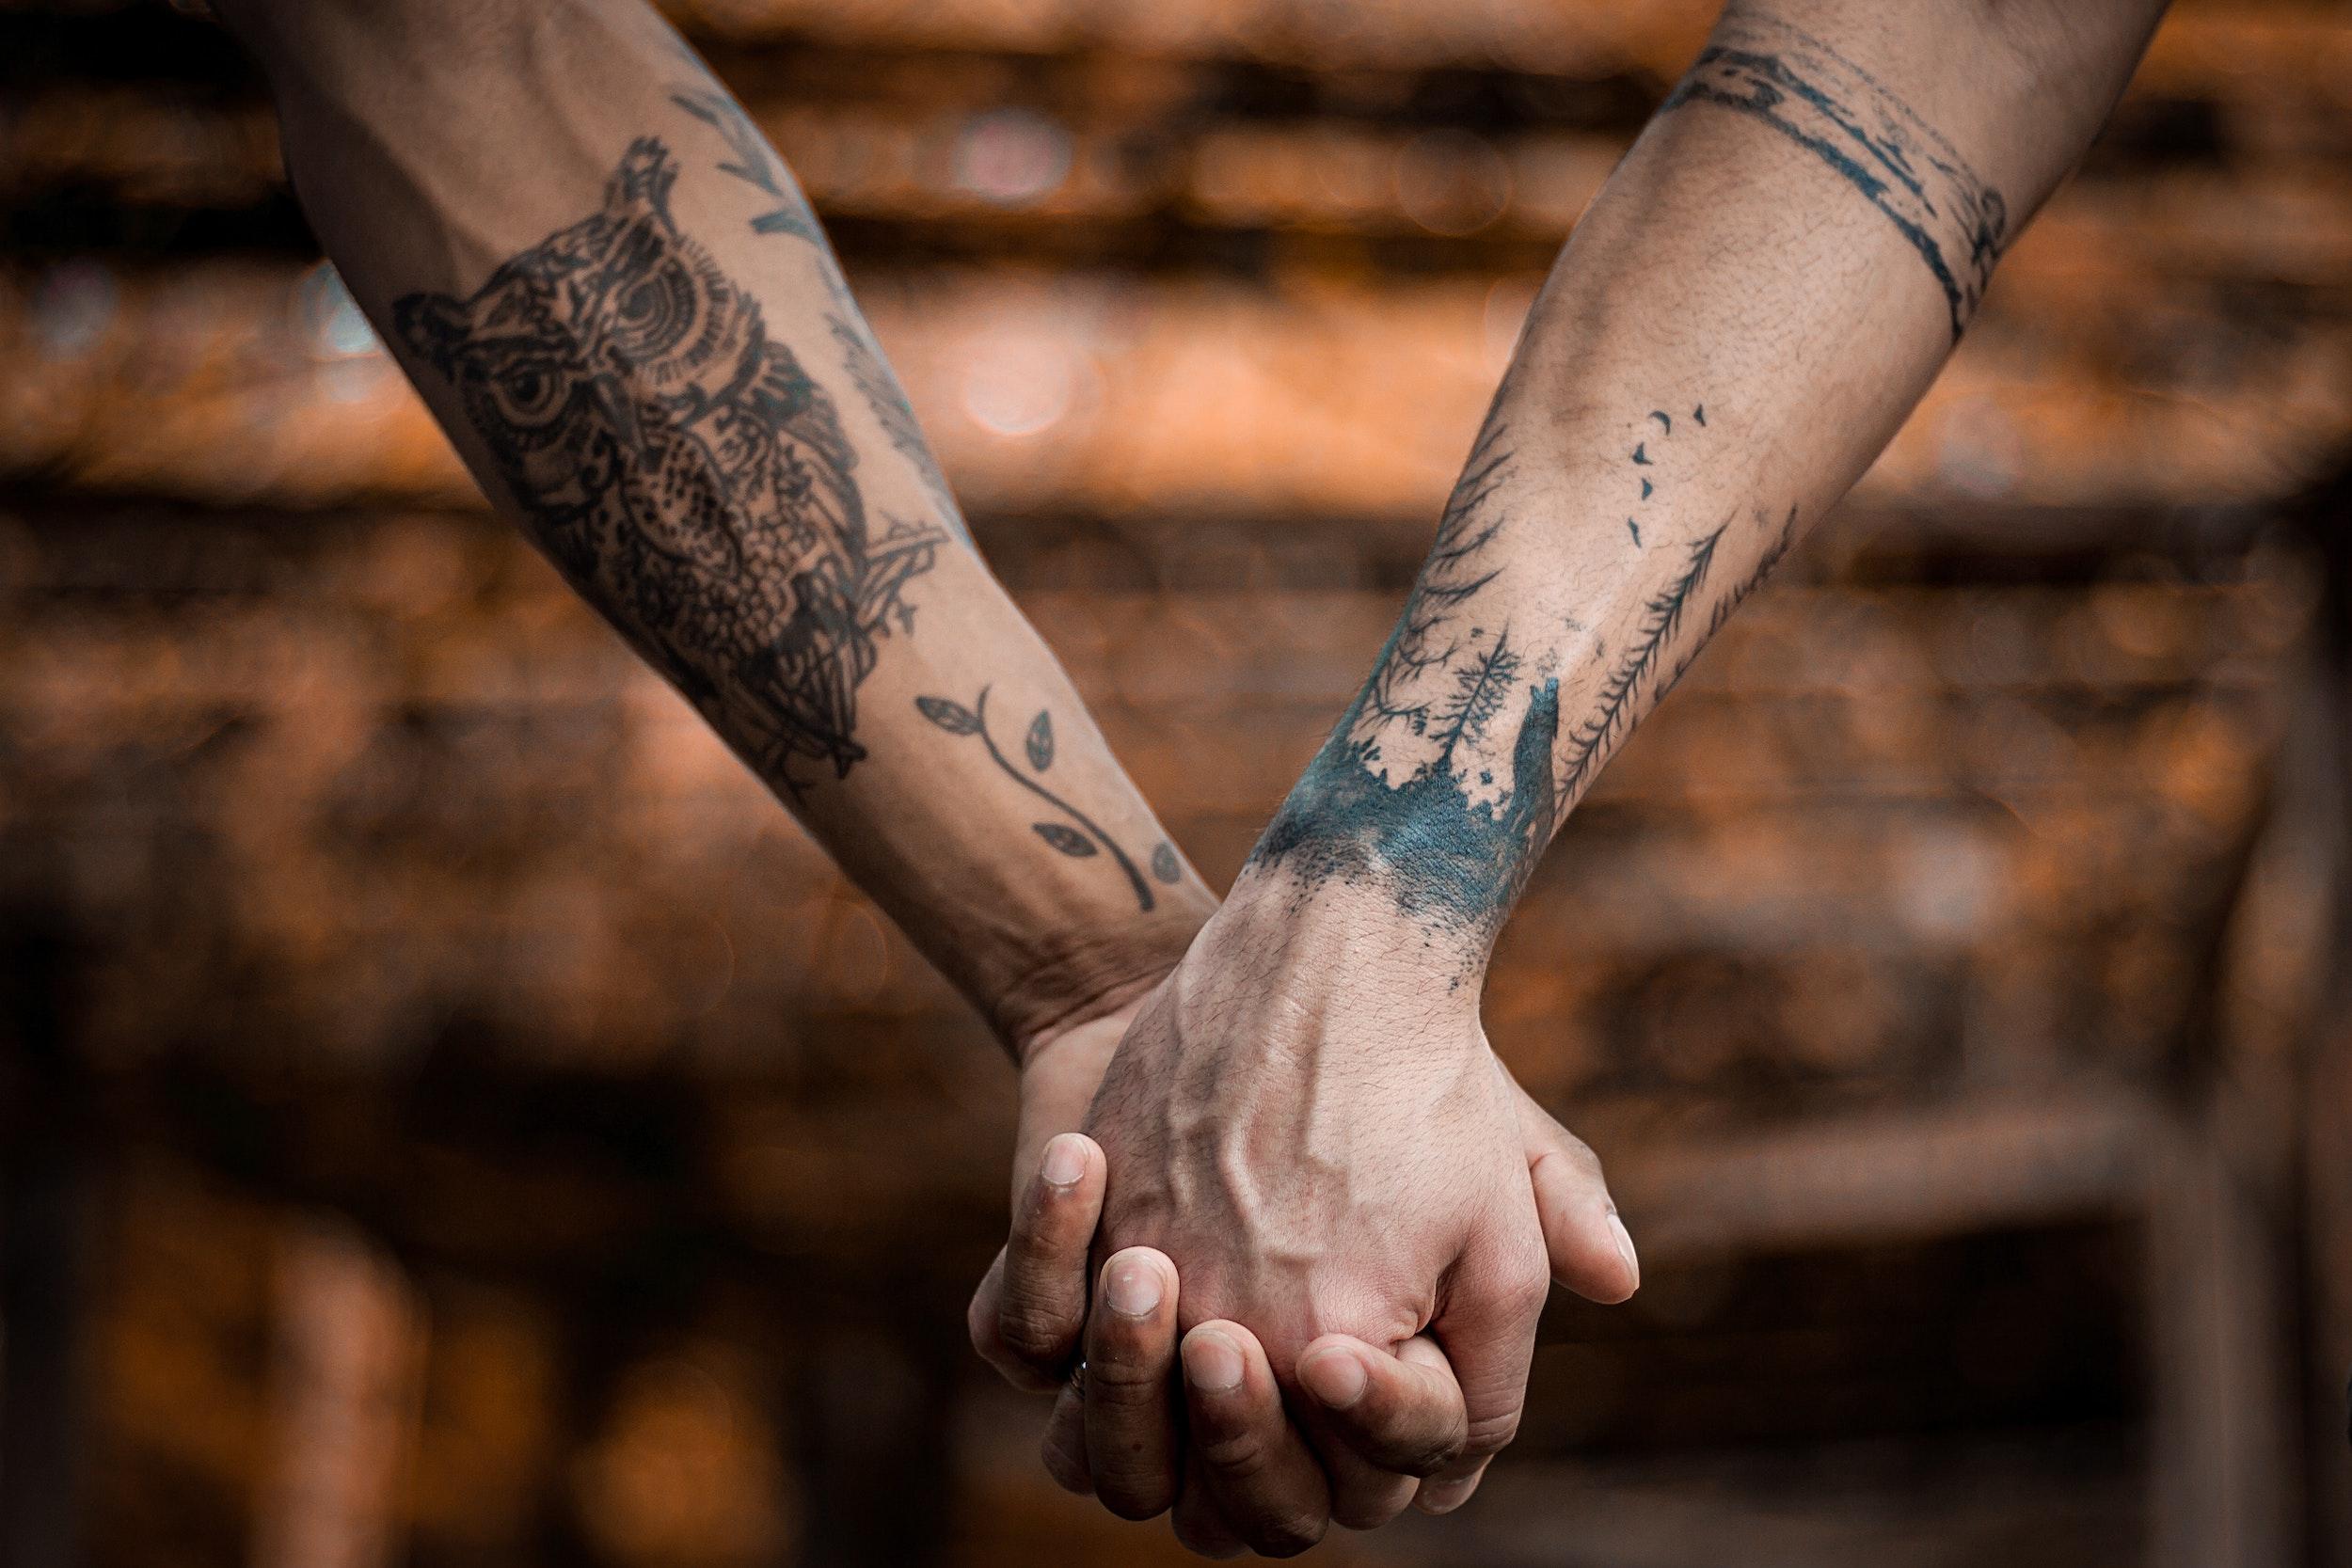 Jak wybrać odpowiednie studio tatuażu?